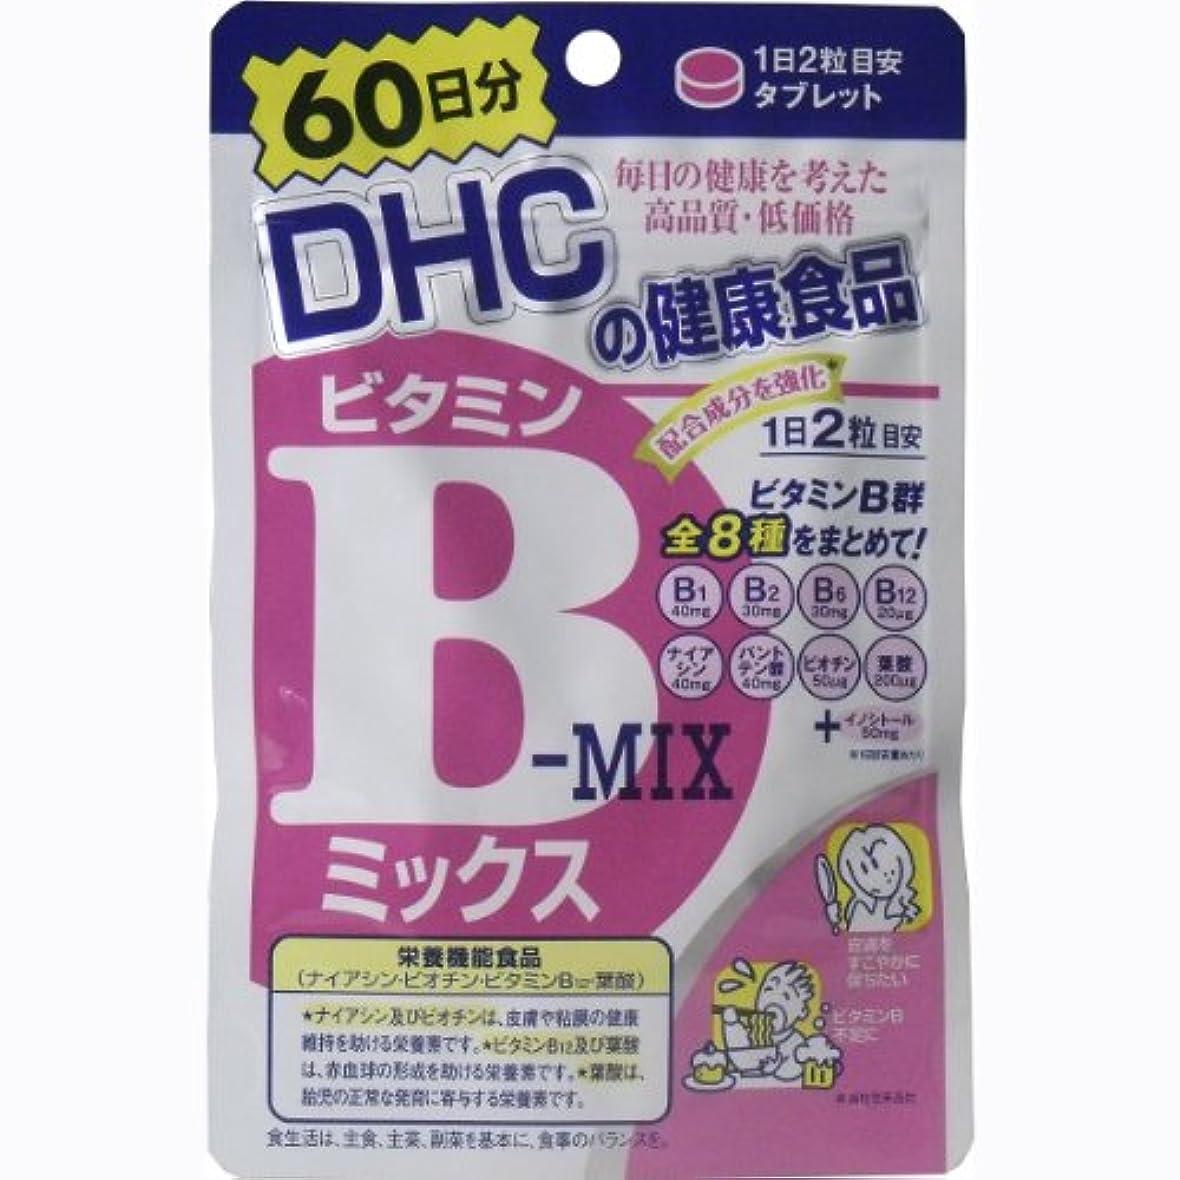 するバルセロナ改革DHC ビタミンBミックス 120粒 60日分 ×8個セット